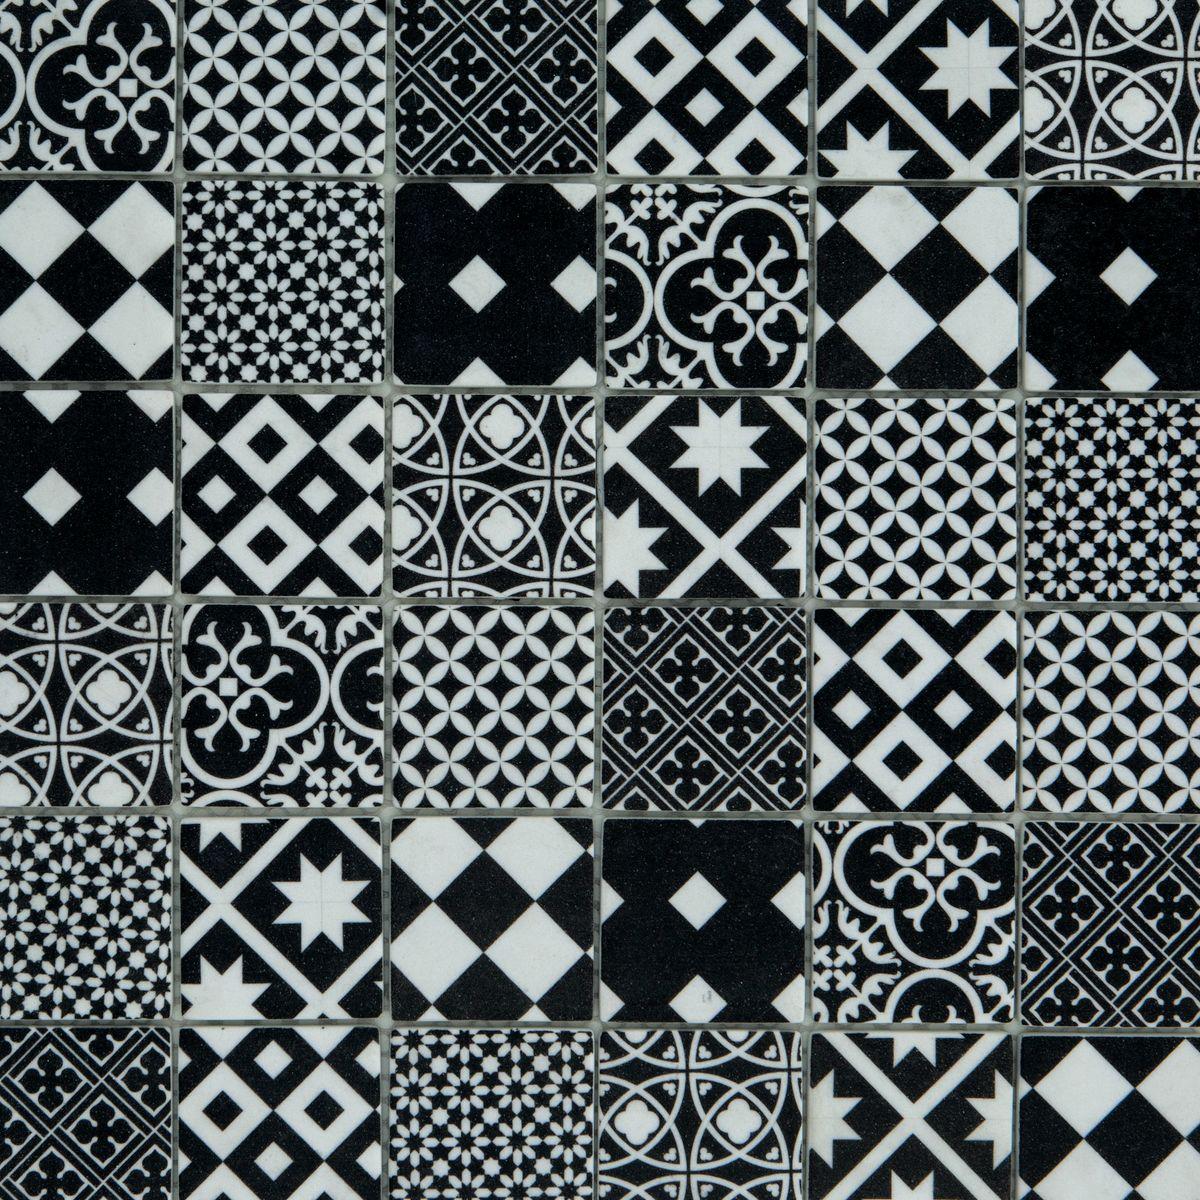 Stunning piastrelle mosaico cucina pictures home interior ideas - Mosaico per cucina ...